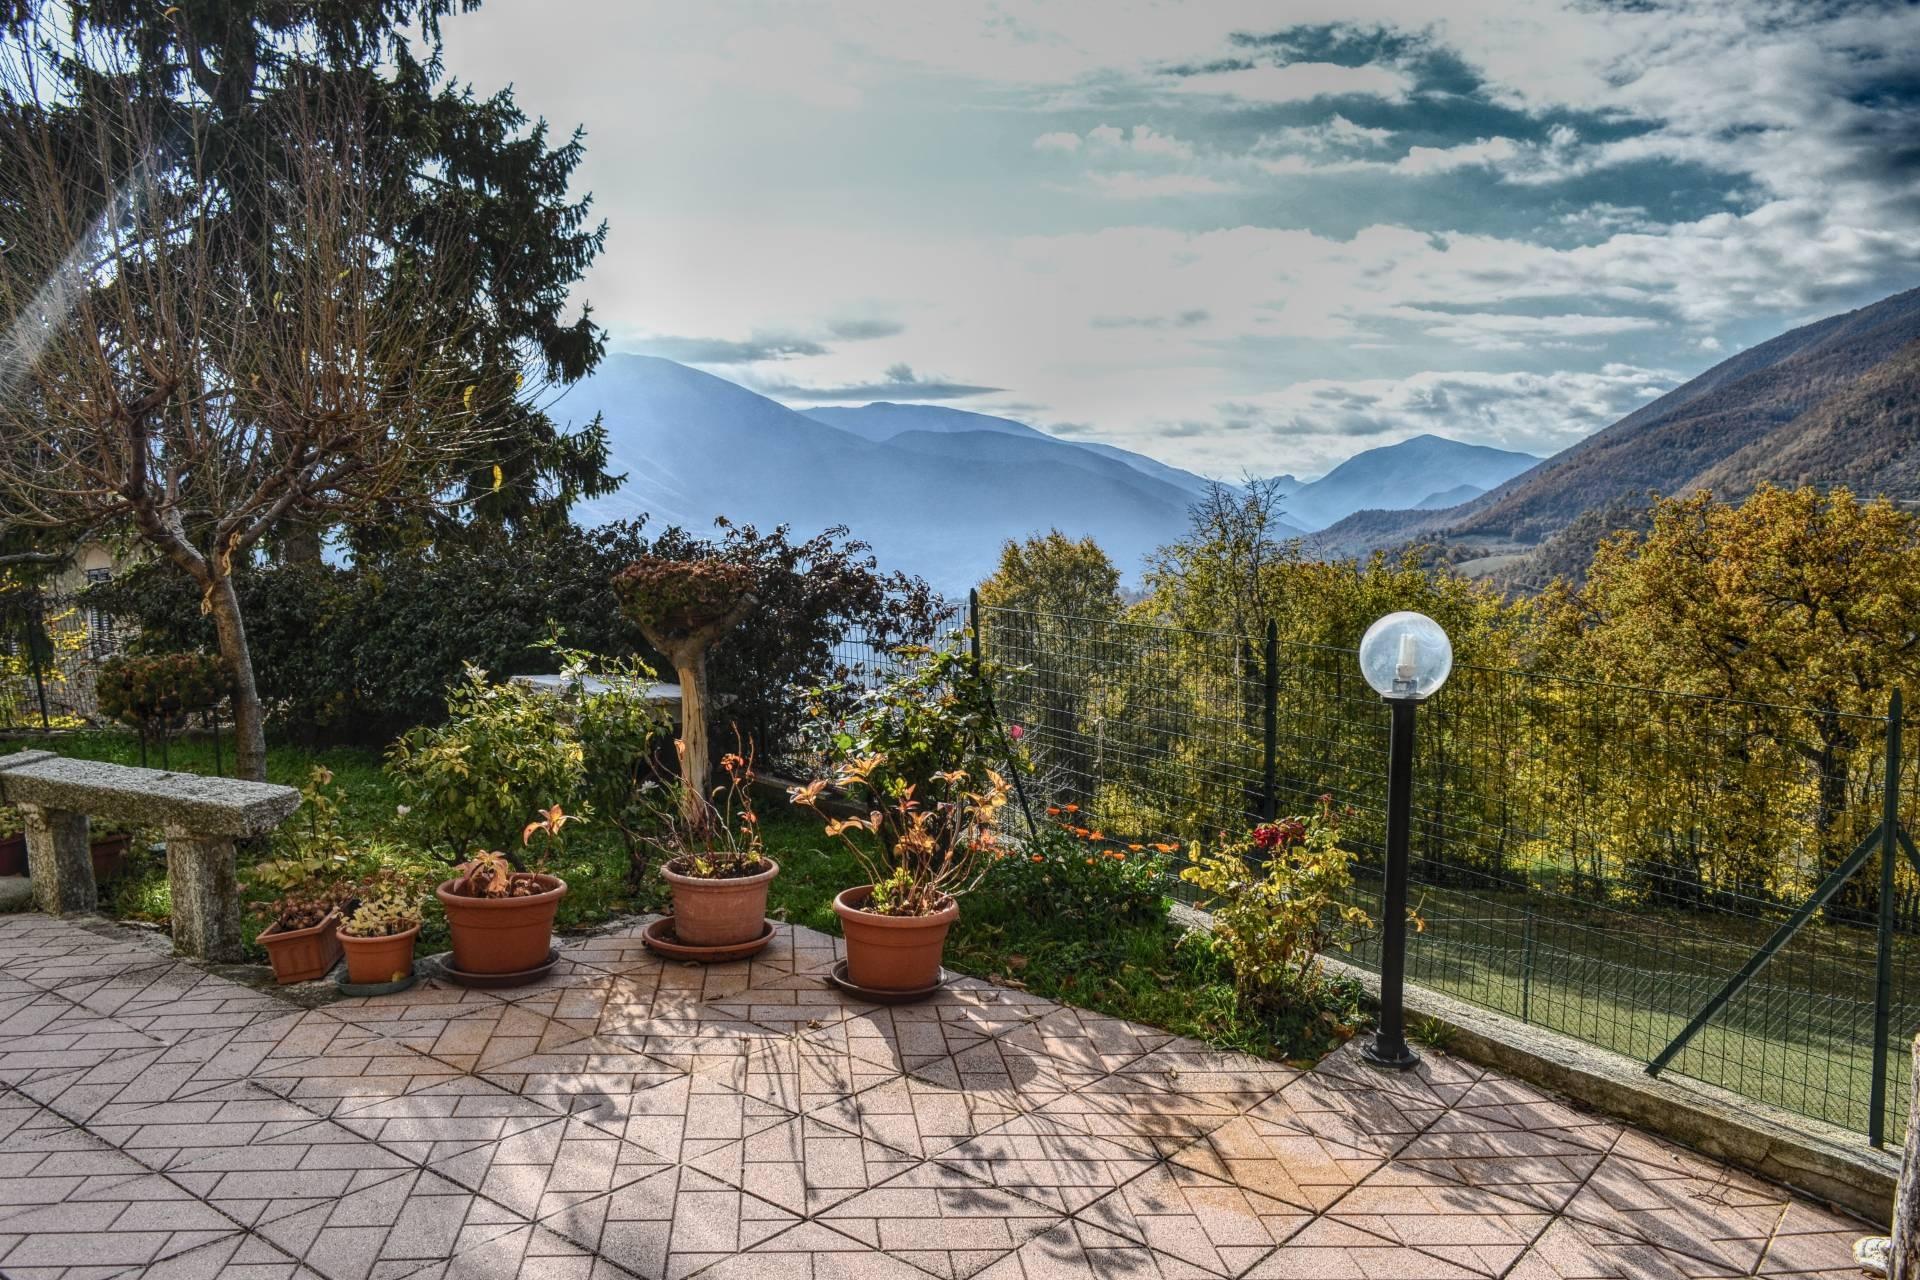 Soluzione Indipendente in vendita a Vallo di Nera, 5 locali, zona Zona: Meggiano, prezzo € 180.000   CambioCasa.it